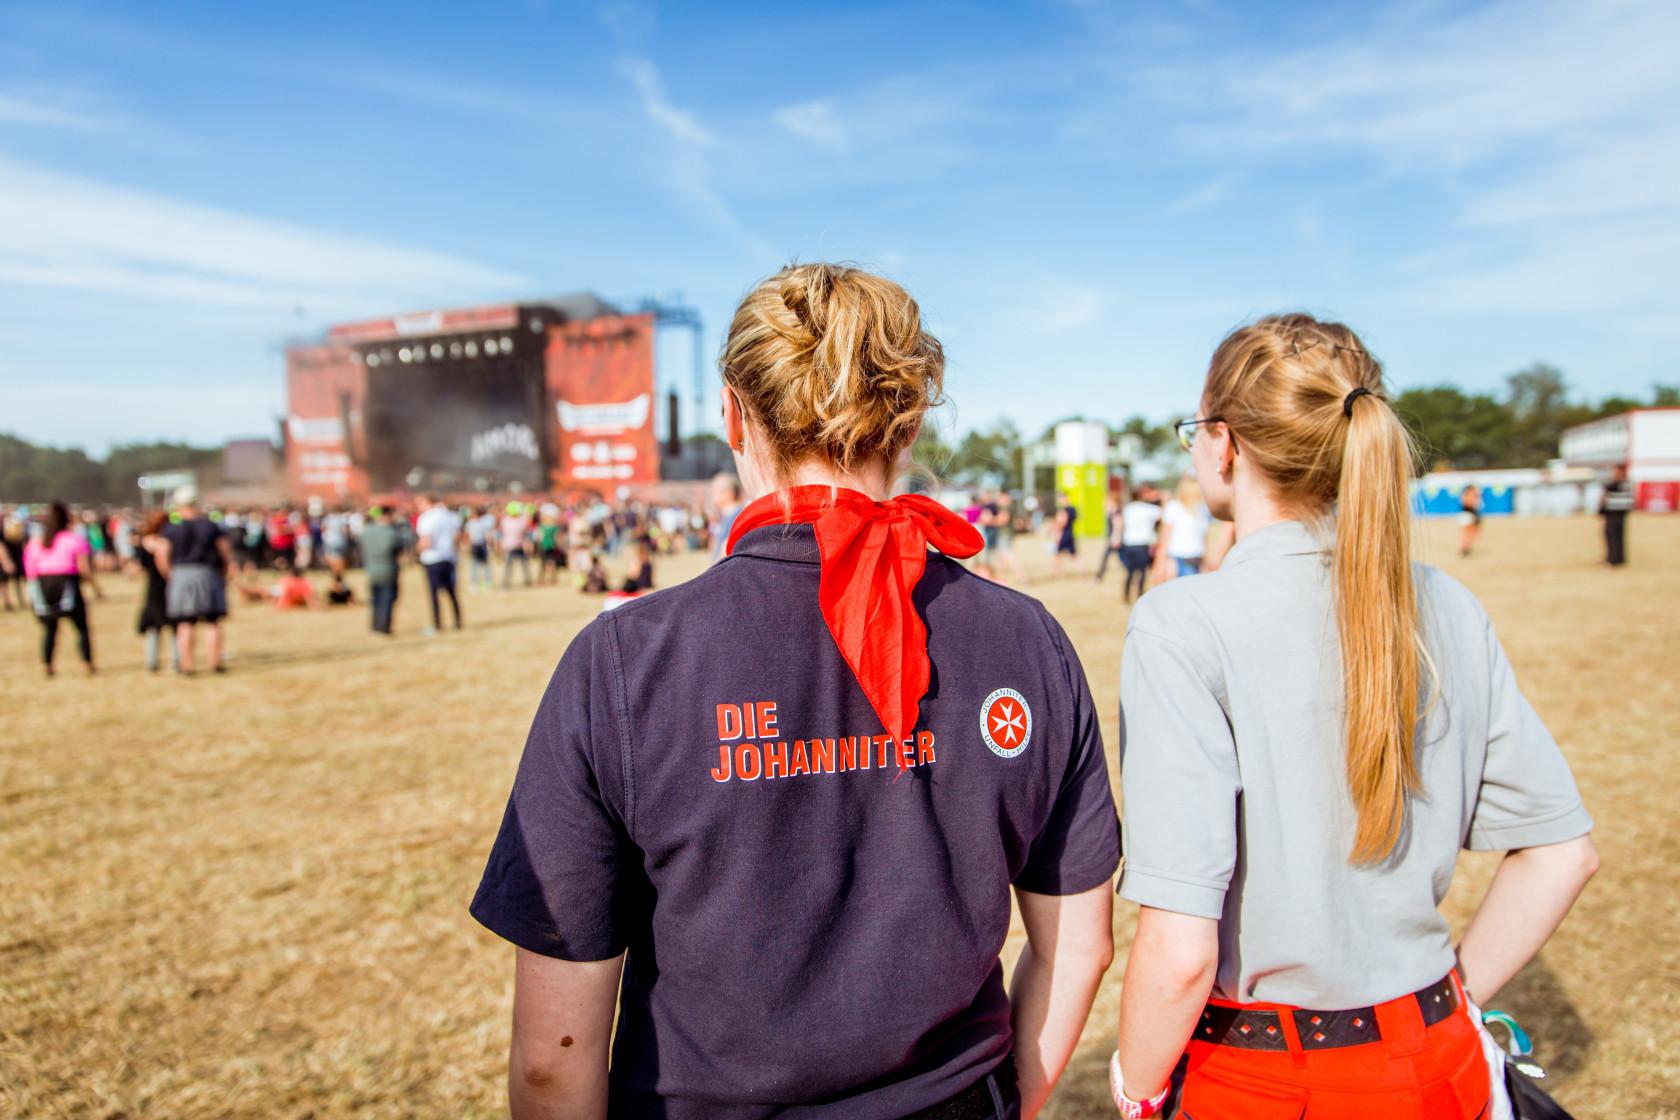 Zwei Helferinnen der Johanniter beim Deichbrand-Festival.